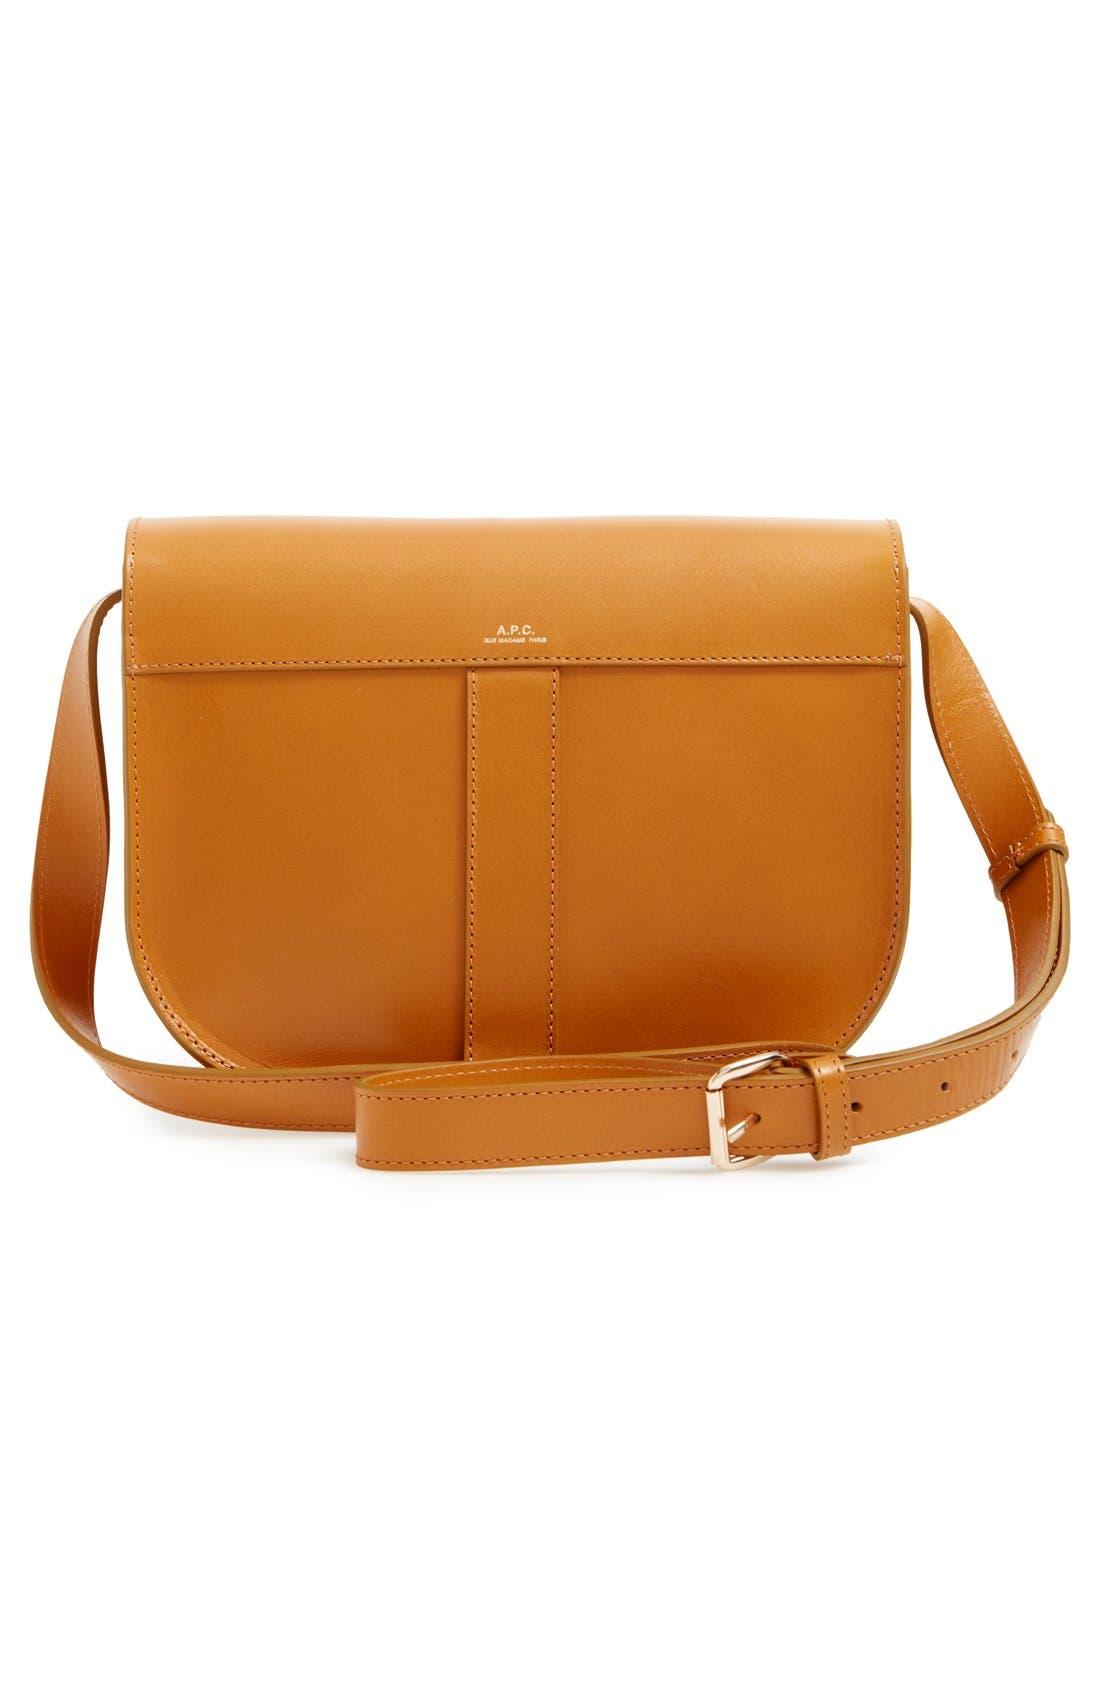 'Sac June' Leather Shoulder Bag,                             Alternate thumbnail 2, color,                             700